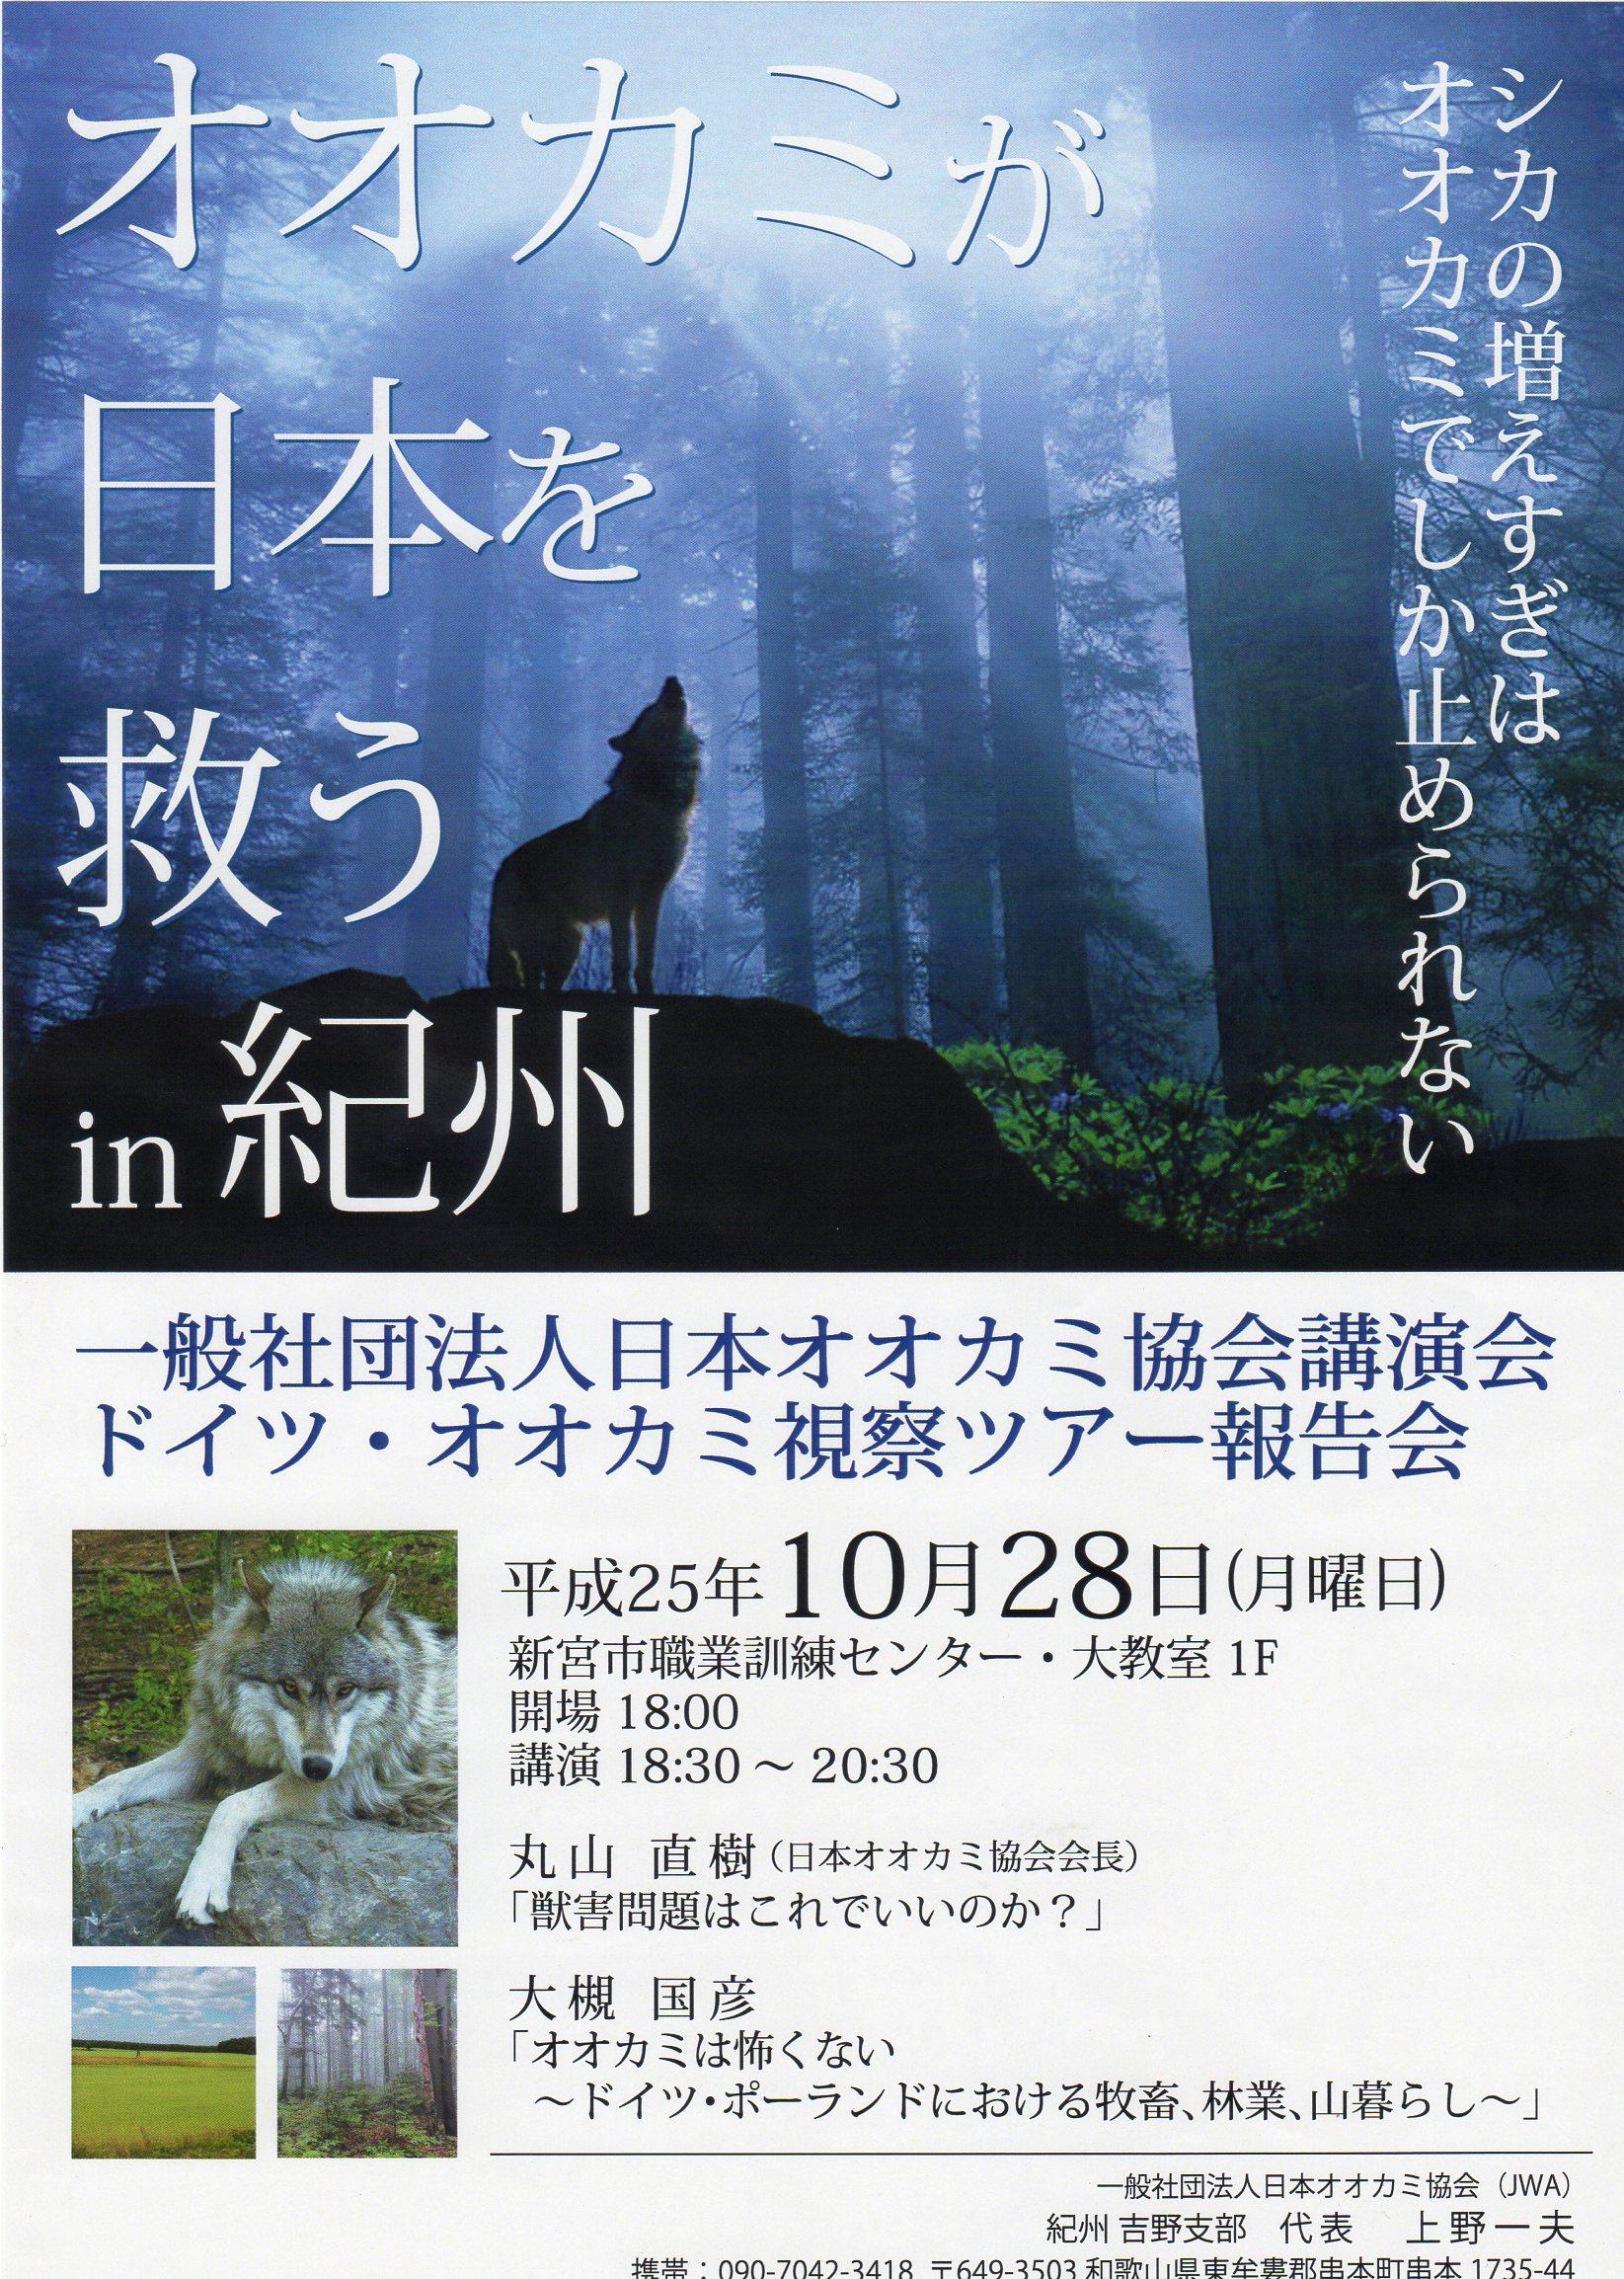 狼協会ポスター2013修正048-1